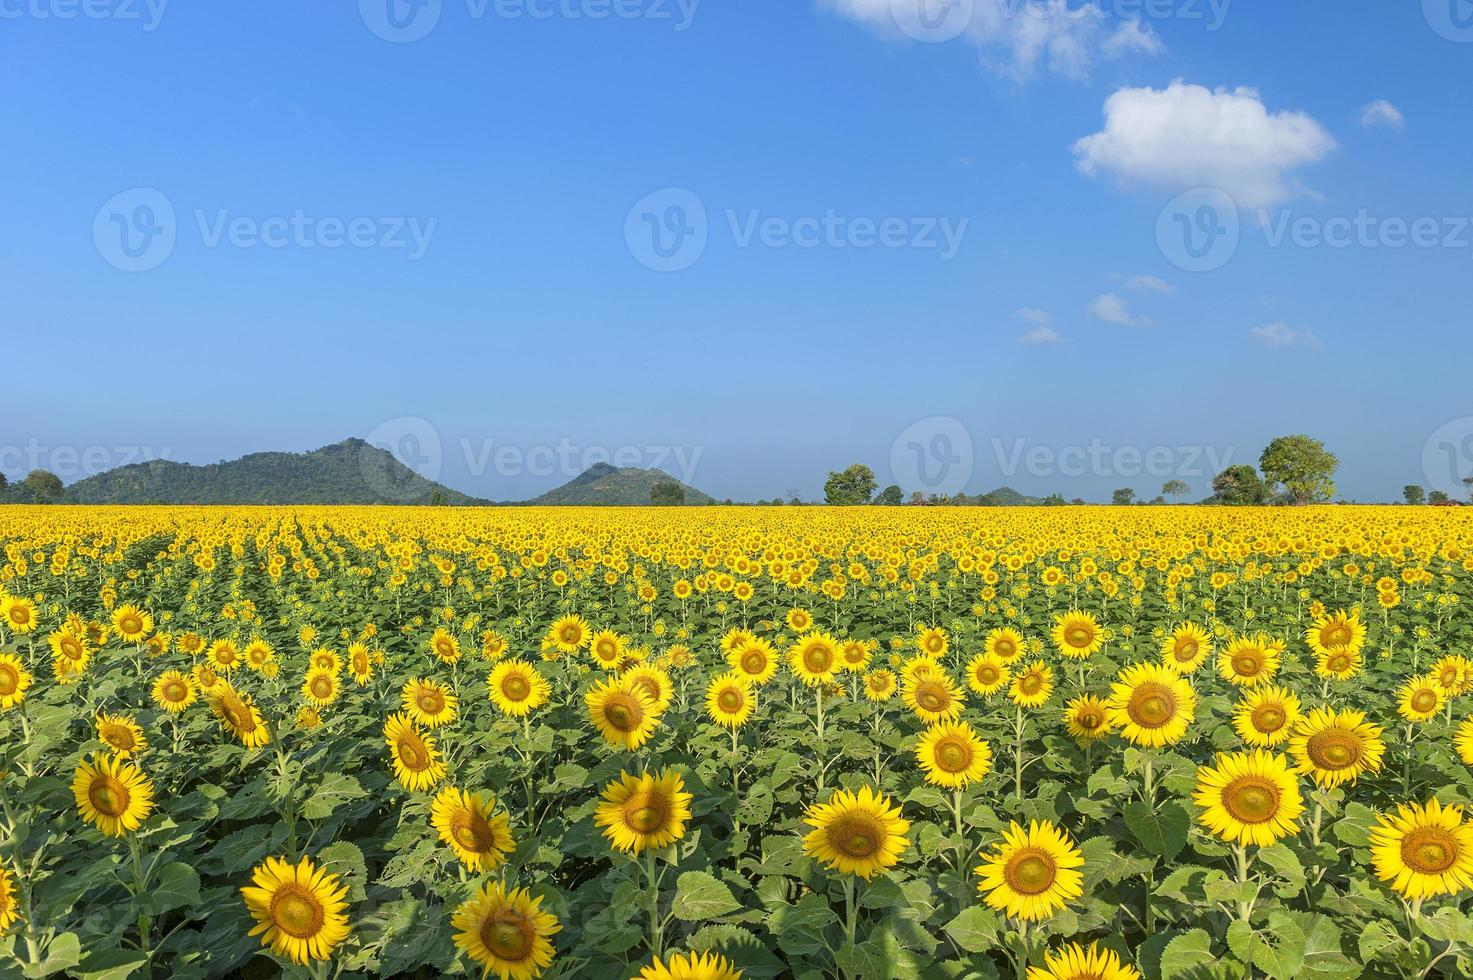 blühendes Feld der Sonnenblumen auf blauem Himmel foto